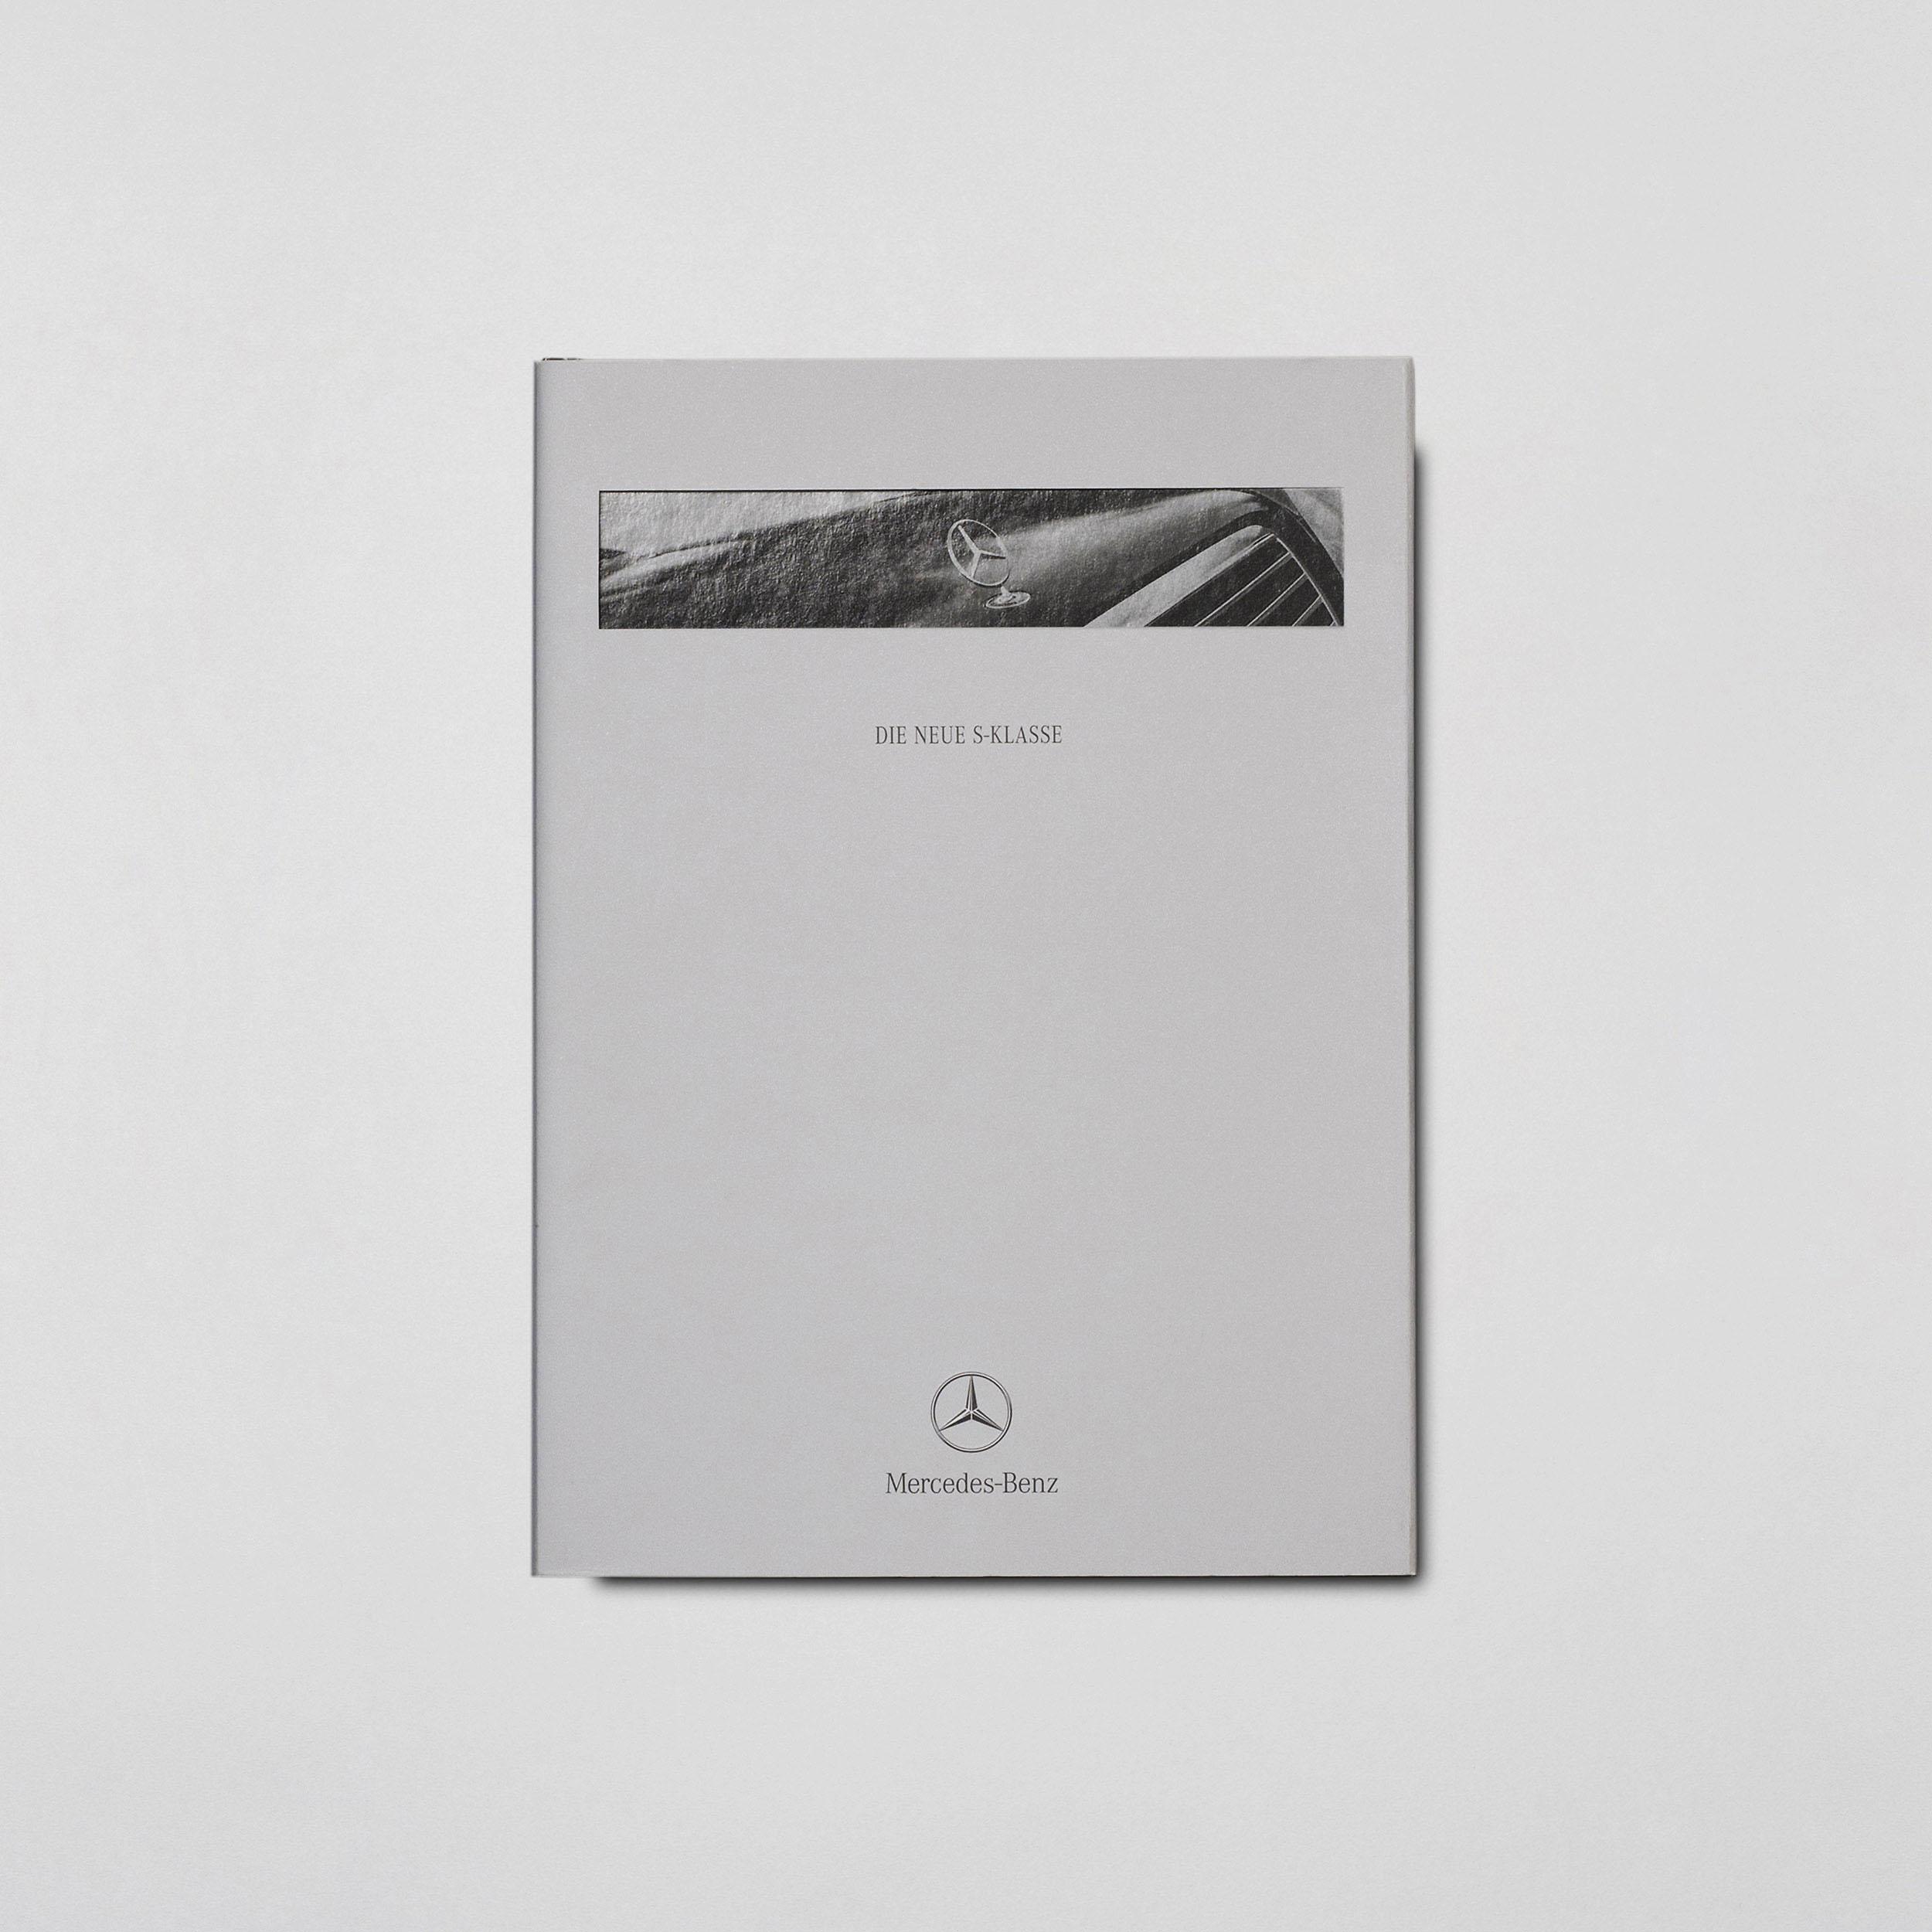 MB.S-Class.Cover.Sq.jpg